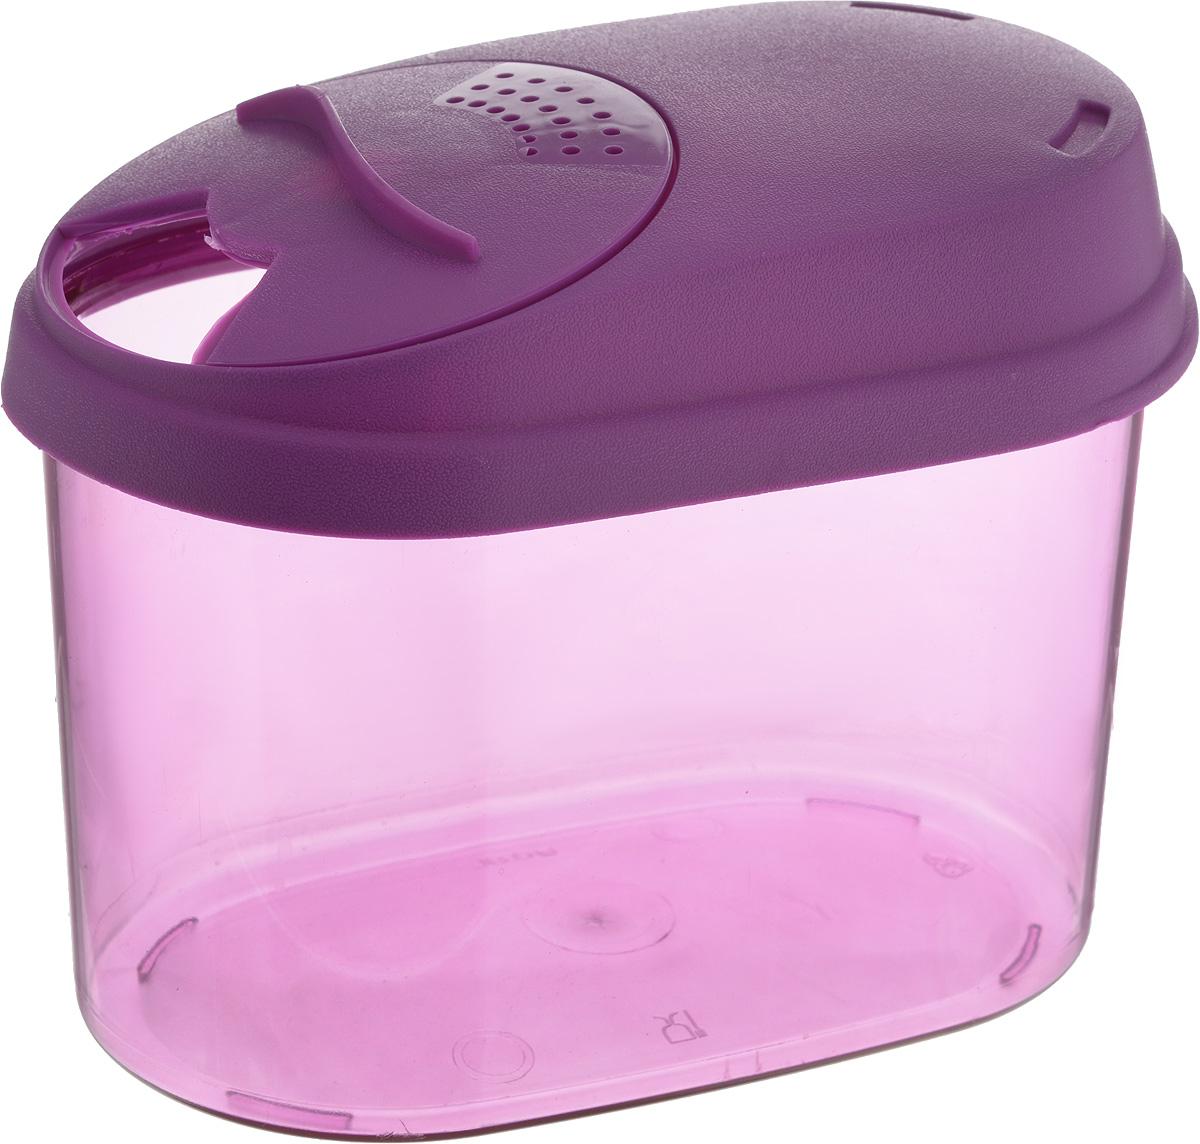 Банка для сыпучих продуктов Giaretti, с дозатором, цвет: фиолетовый, 0,8 лGR3610_фиолетовыйБанка для сыпучих продуктов Giaretti выполнена из высококачественного пластика. Банка предназначена для хранения круп, сахара, макаронных изделий и в том числе для продуктов с ярким ароматом (специи и прочее). Плотно прилегающая крышка не пропускает запахи содержимого в шкаф для хранения, при этом продукт не теряет своего аромата. Двойной дозатор предназначен для мелких и крупных сыпучих продуктов. Банки легко устанавливаются одна на другую. Можно мыть в посудомоечной машине. Объем: 0,8 л. Размер (по верхнему краю): 14,5 x 8,5 см. Высота (с учетом крышки): 11 см.